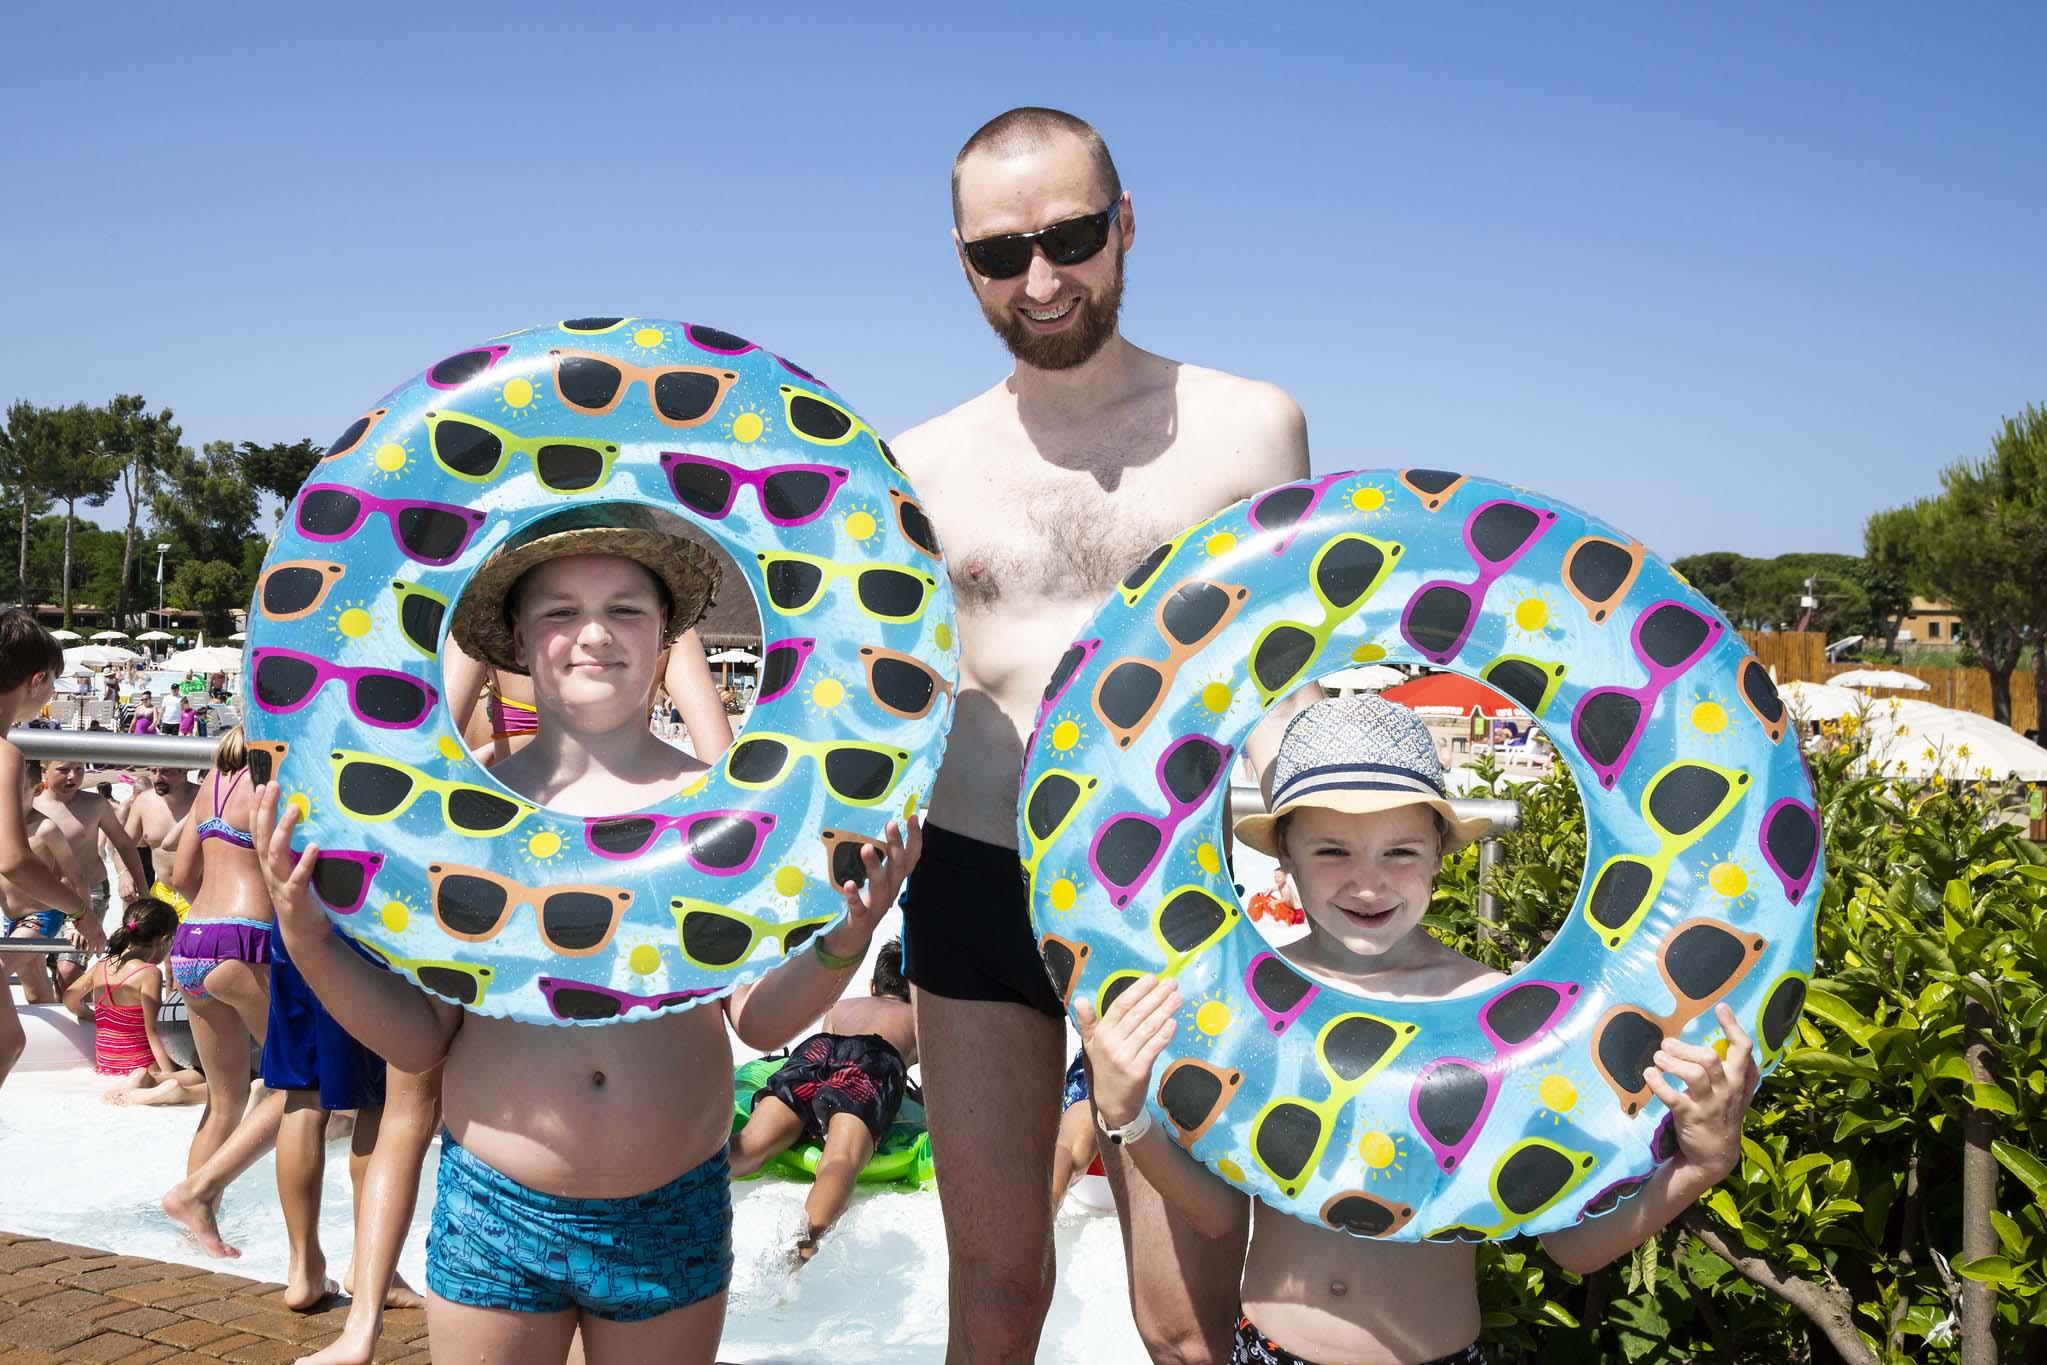 Famiglia in piscina con gonfiabili, ciambelle